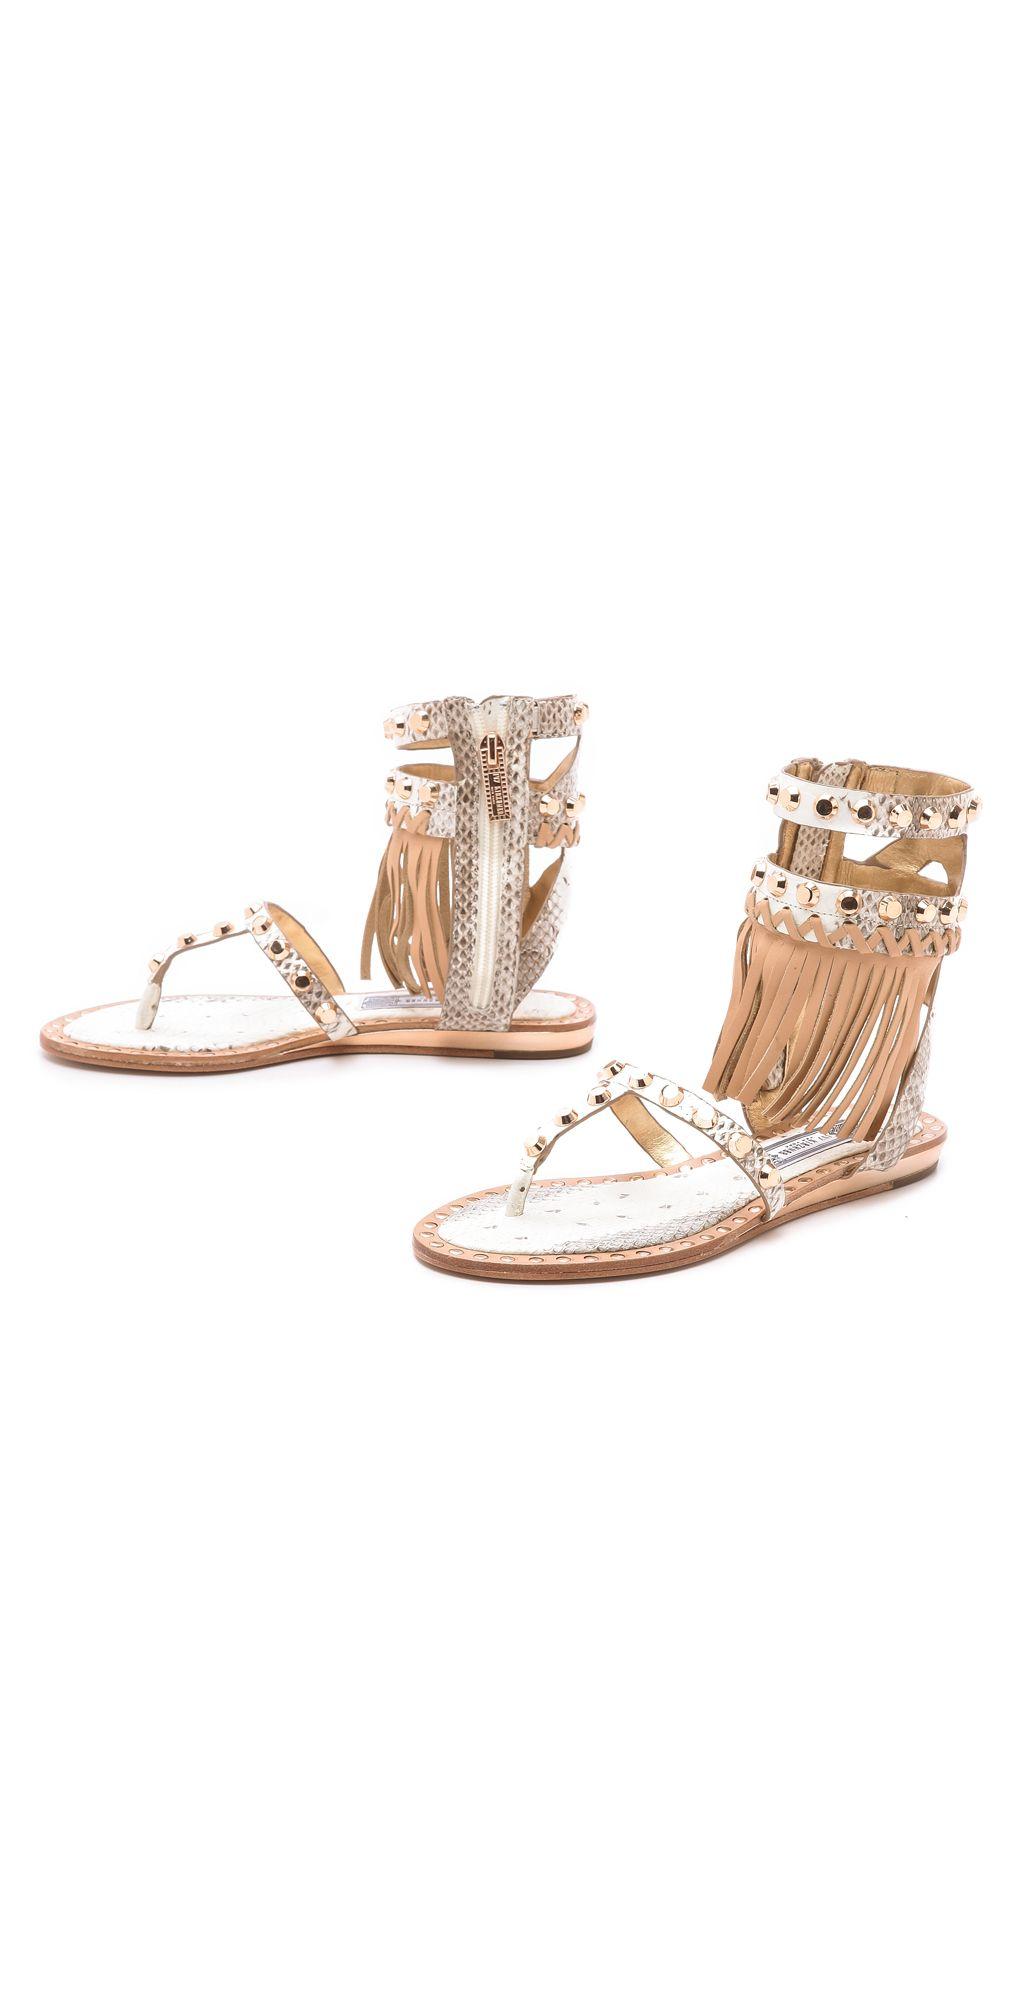 Ivy Kirzhner Barbados Fringe Sandals | SHOPBOP